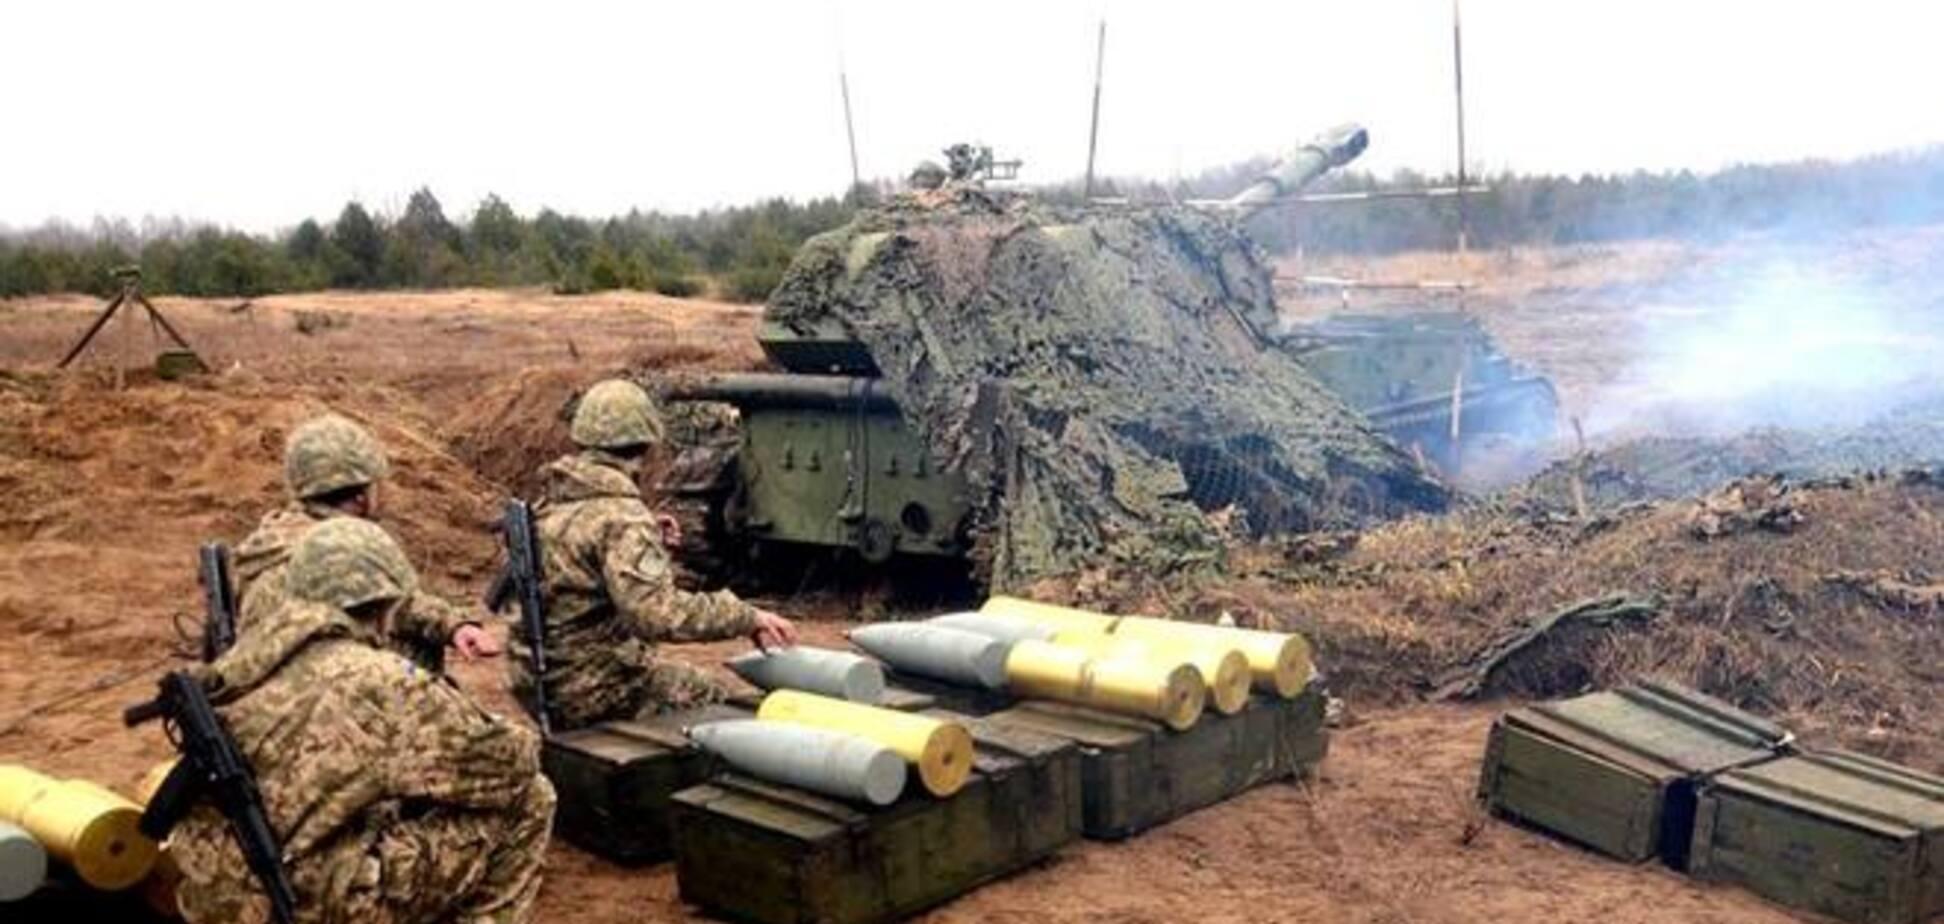 Бойцы АТО будут получать по 48 тысяч за каждый уничтоженный танк противника